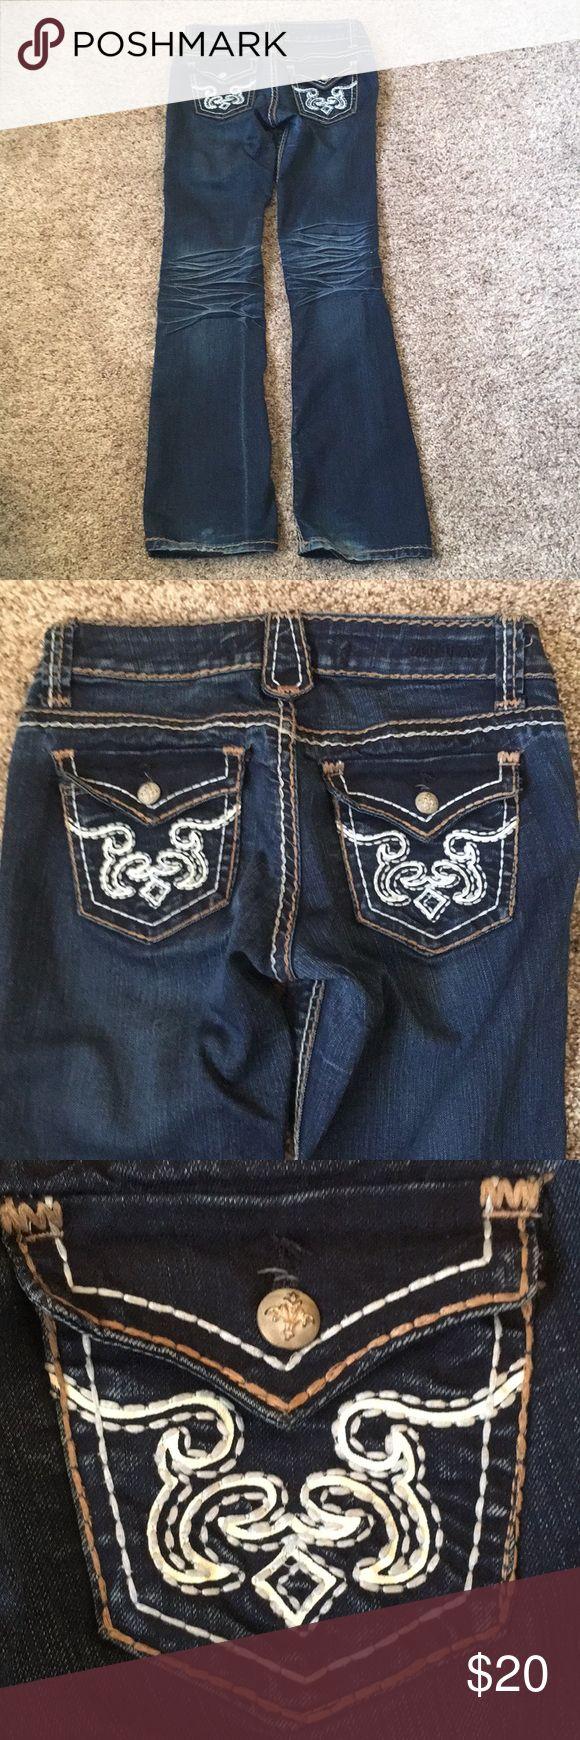 ZCO Jeans Premium ZCO Jeans Premium, Boot Cut, Size 5, Waist 29 Inseam 32 ZCO Jeans Jeans Boot Cut